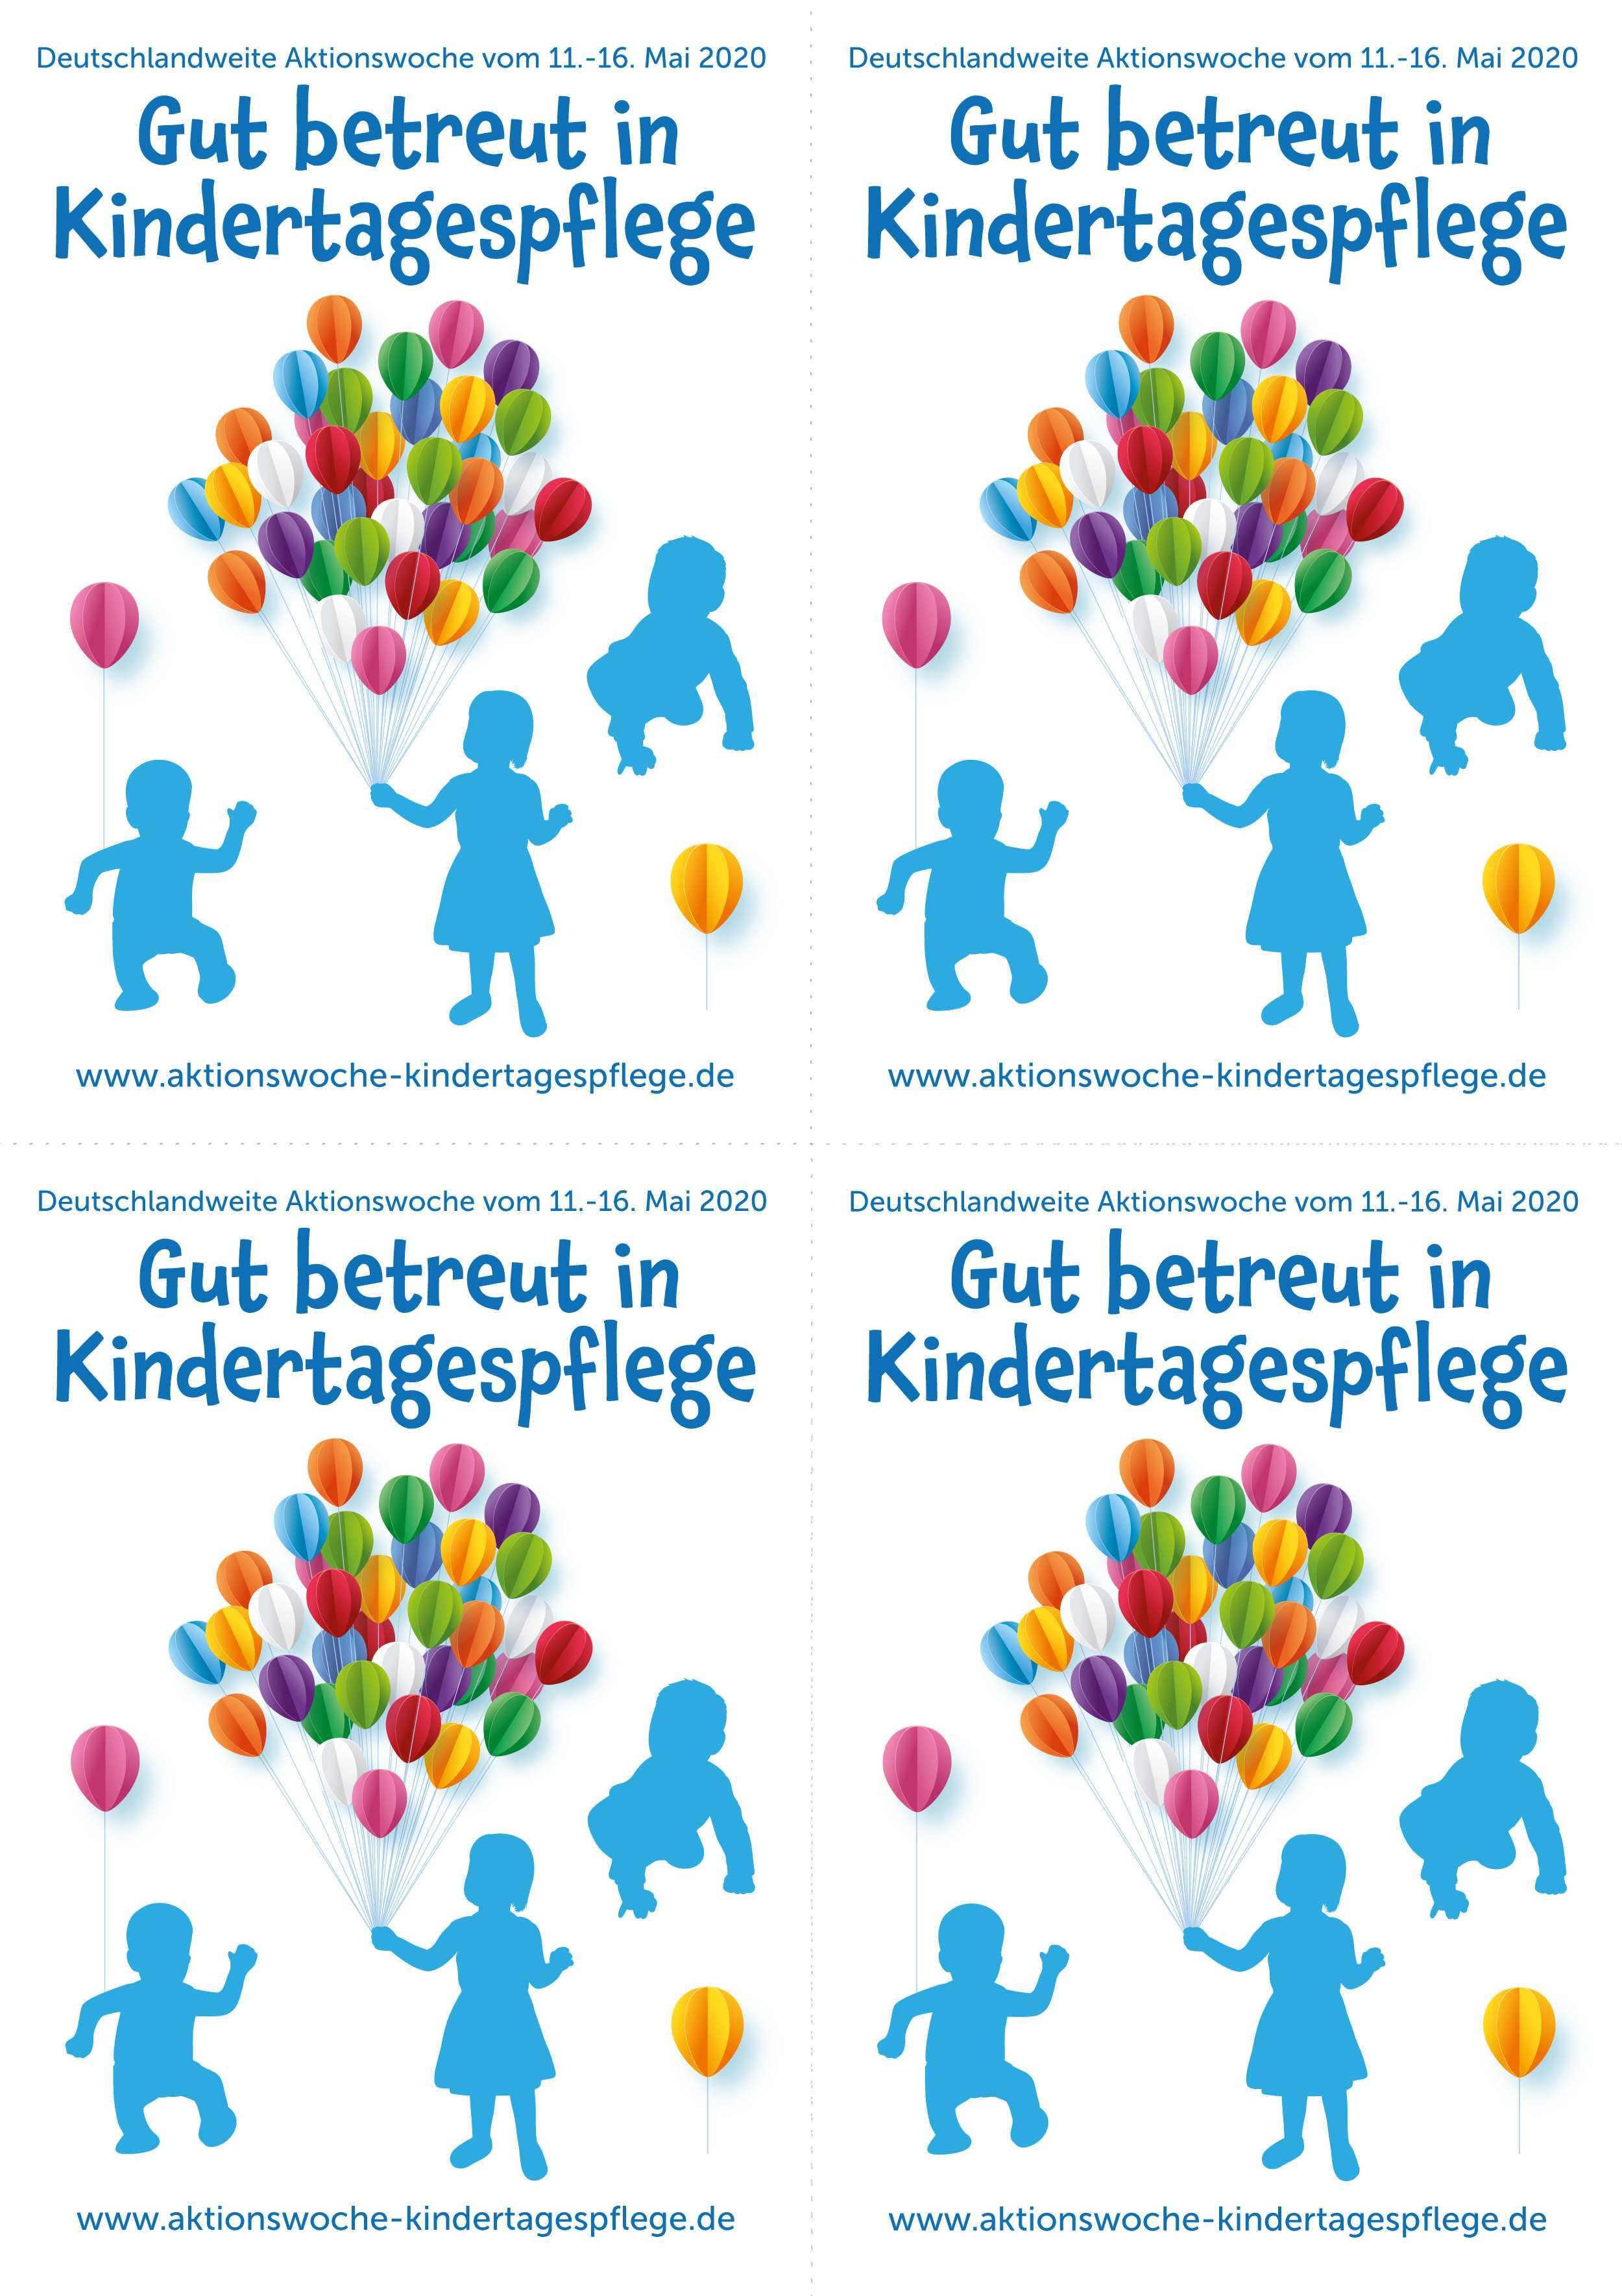 Bundesverband Fur Kindertagespflege Material Zum Herunterladen